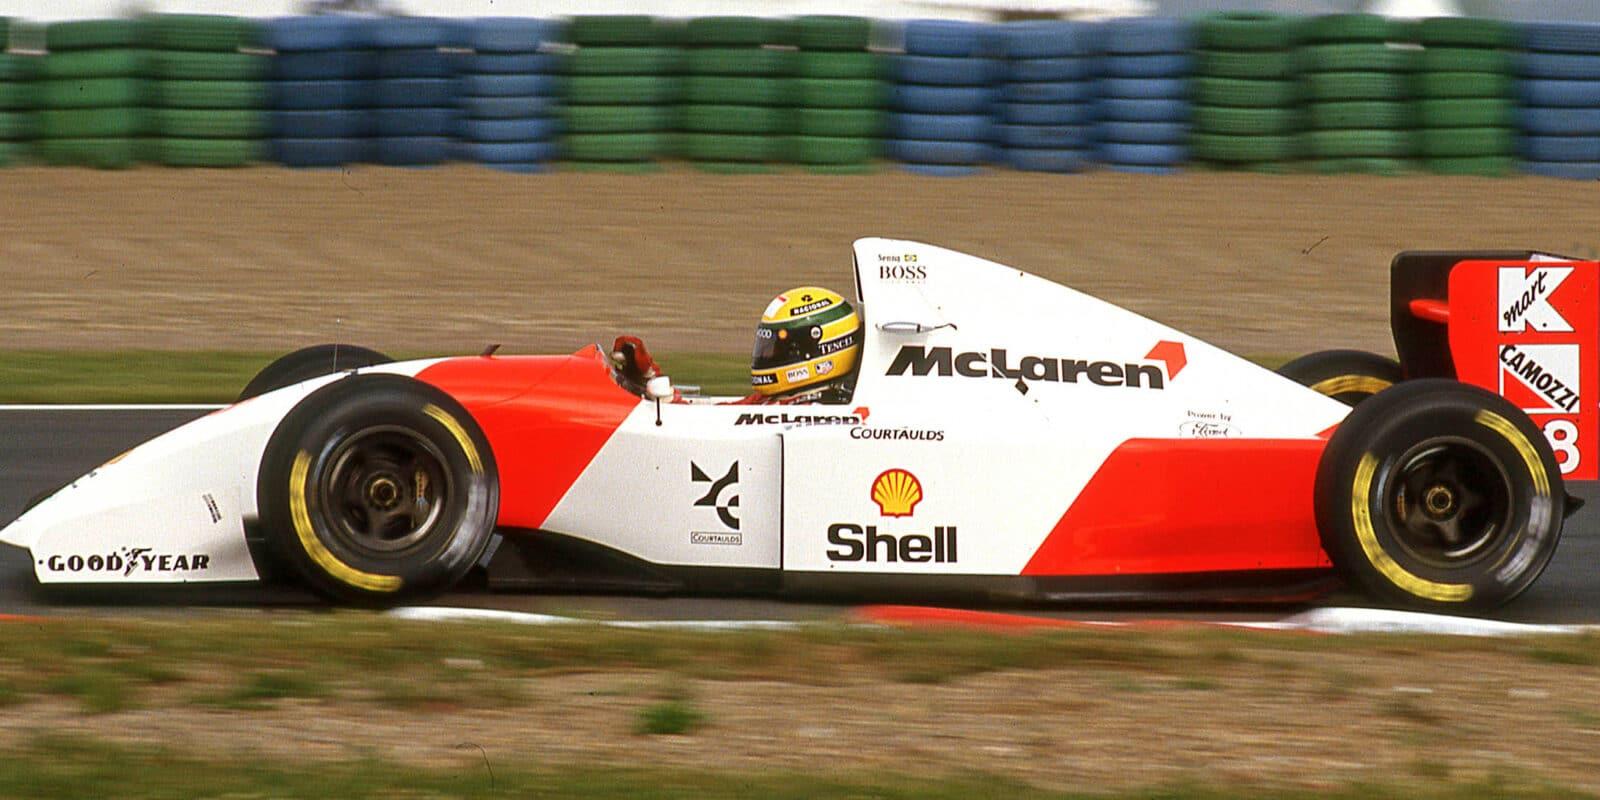 Ayrton Senna by dnes oslavil 60. narozeniny